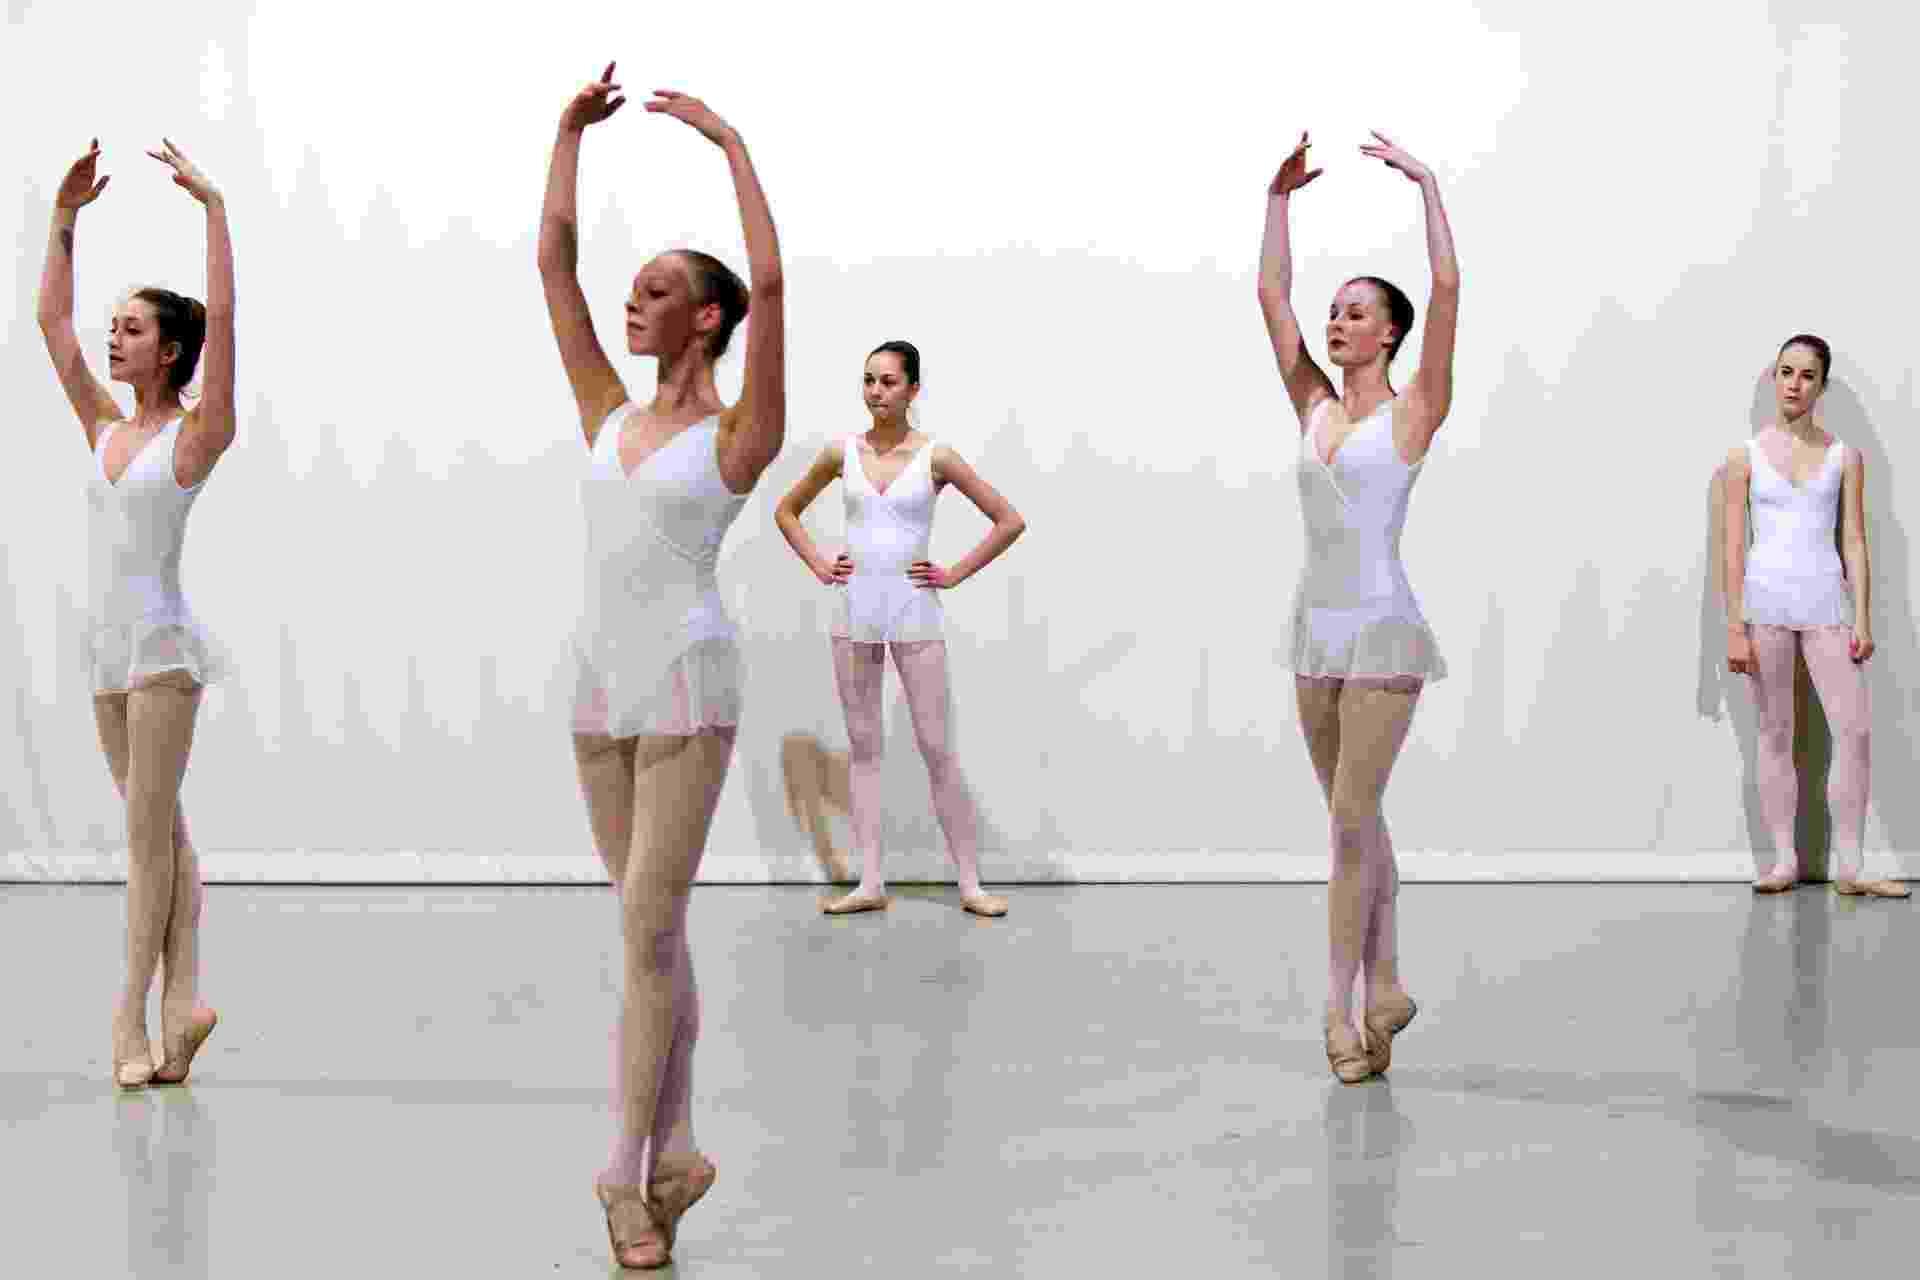 1.out.2013 -As bailarinas conseguem executar várias piruetas sentindo pouca ou nenhuma tontura, porque o cérebro se adapta aos rápidos movimentos após anos de treino. Pesquisadores britânicos descobriram que a parte do cerebelo que processa o sinal dos órgãos de equilíbrio era menor nas bailarinas e que também há diferença na percepção de tontura - o cerebelo é a região do cérebro que governa os movimentos corporais - Lionel Bonaventure/AFP